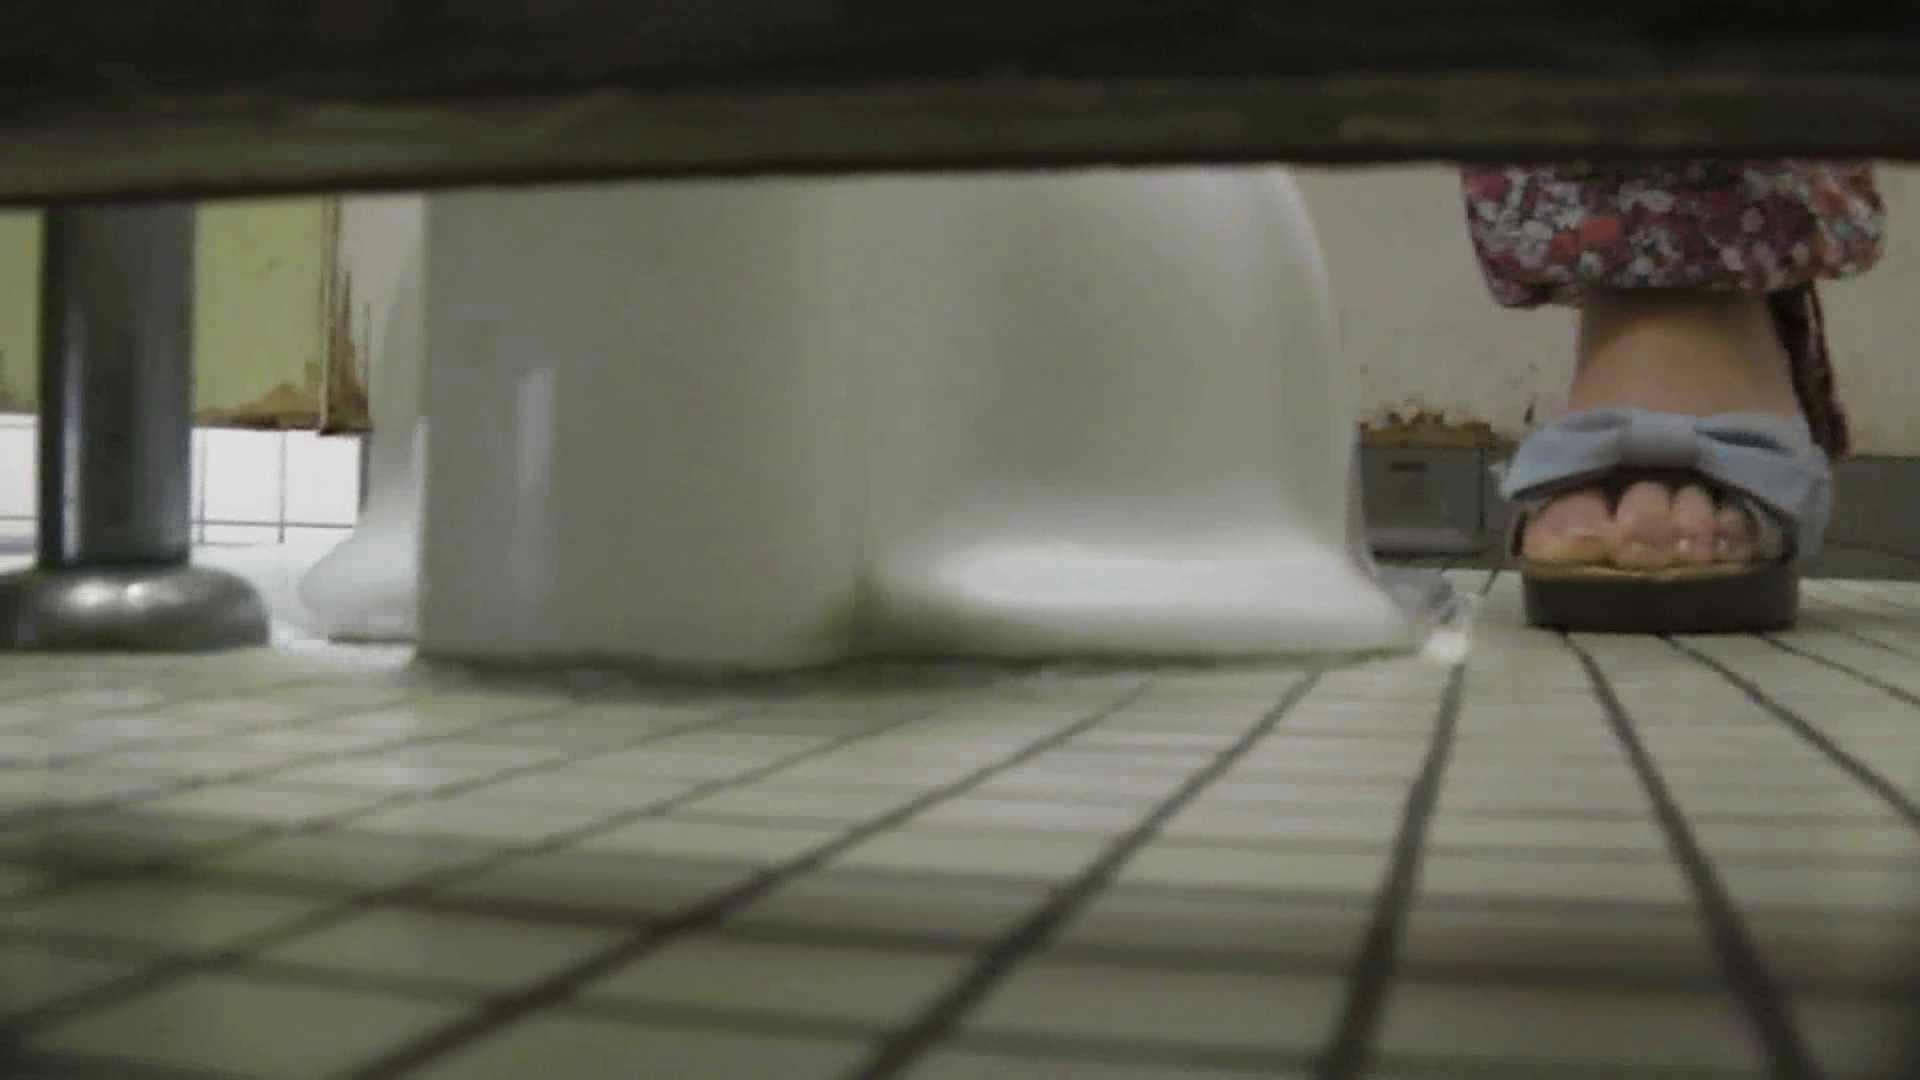 洗面所特攻隊 vol.003 洗面所特攻隊さん本気を出しました。 洗面所 | OLのボディ  99PIX 43